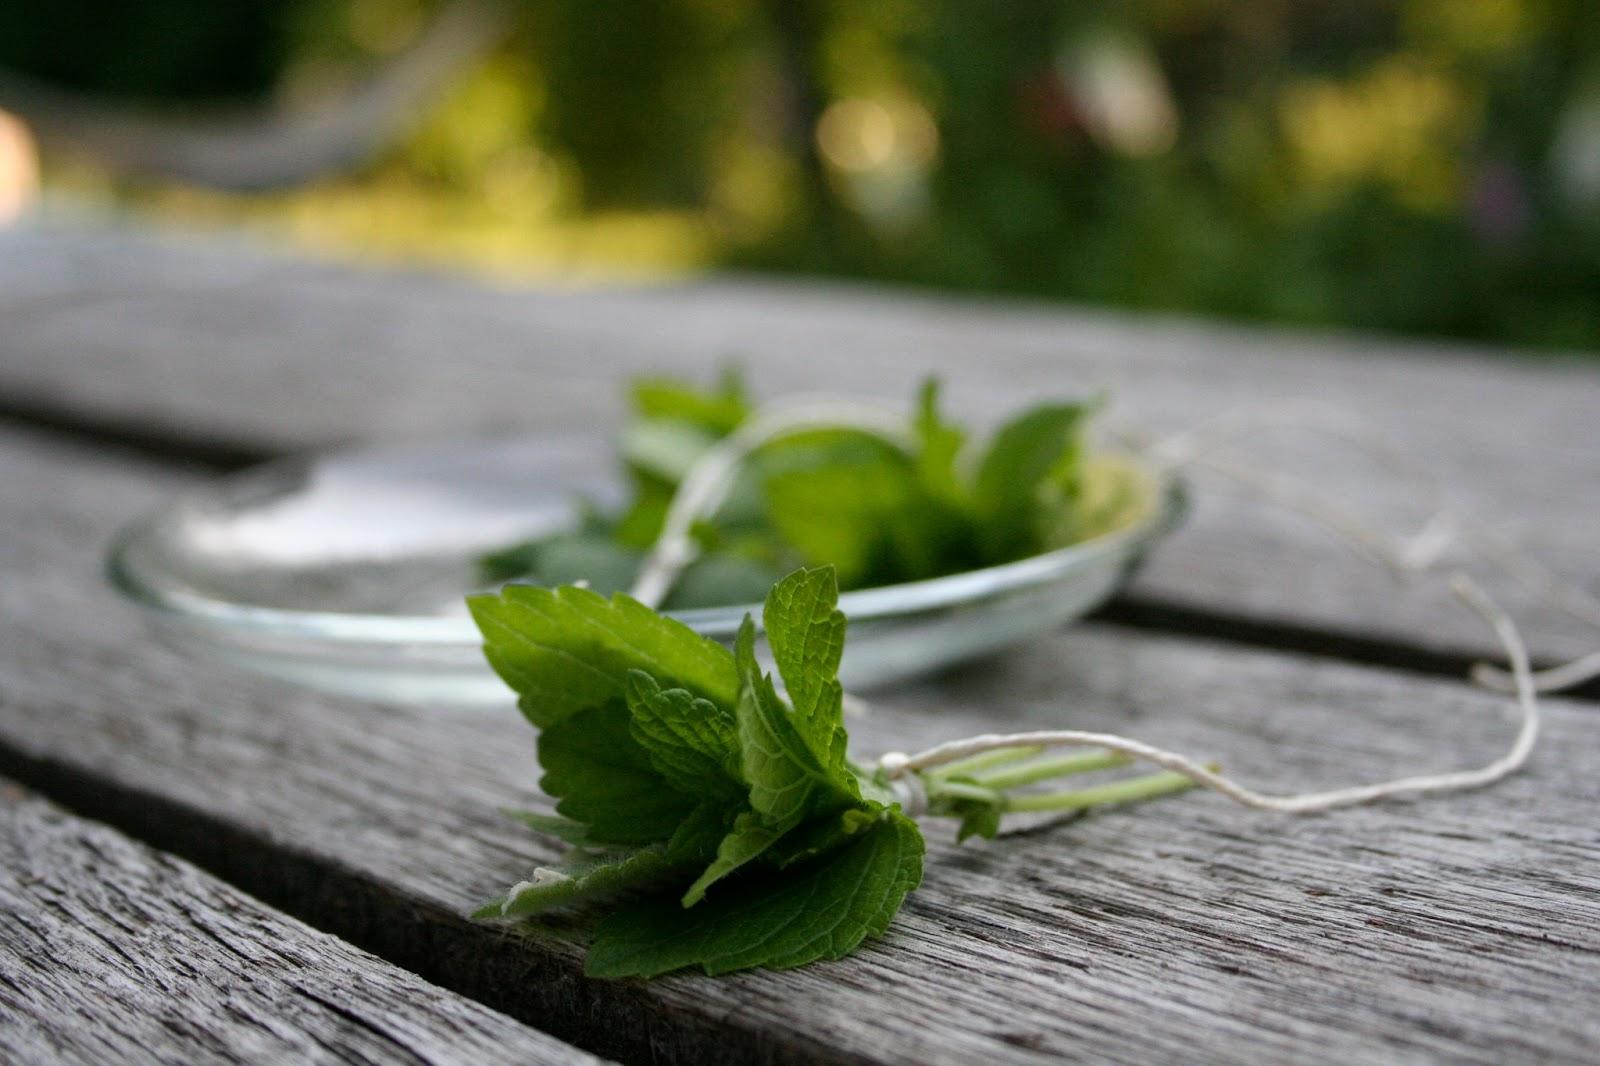 Öarnas trädgårdsplanering: gör te på citronmeliss